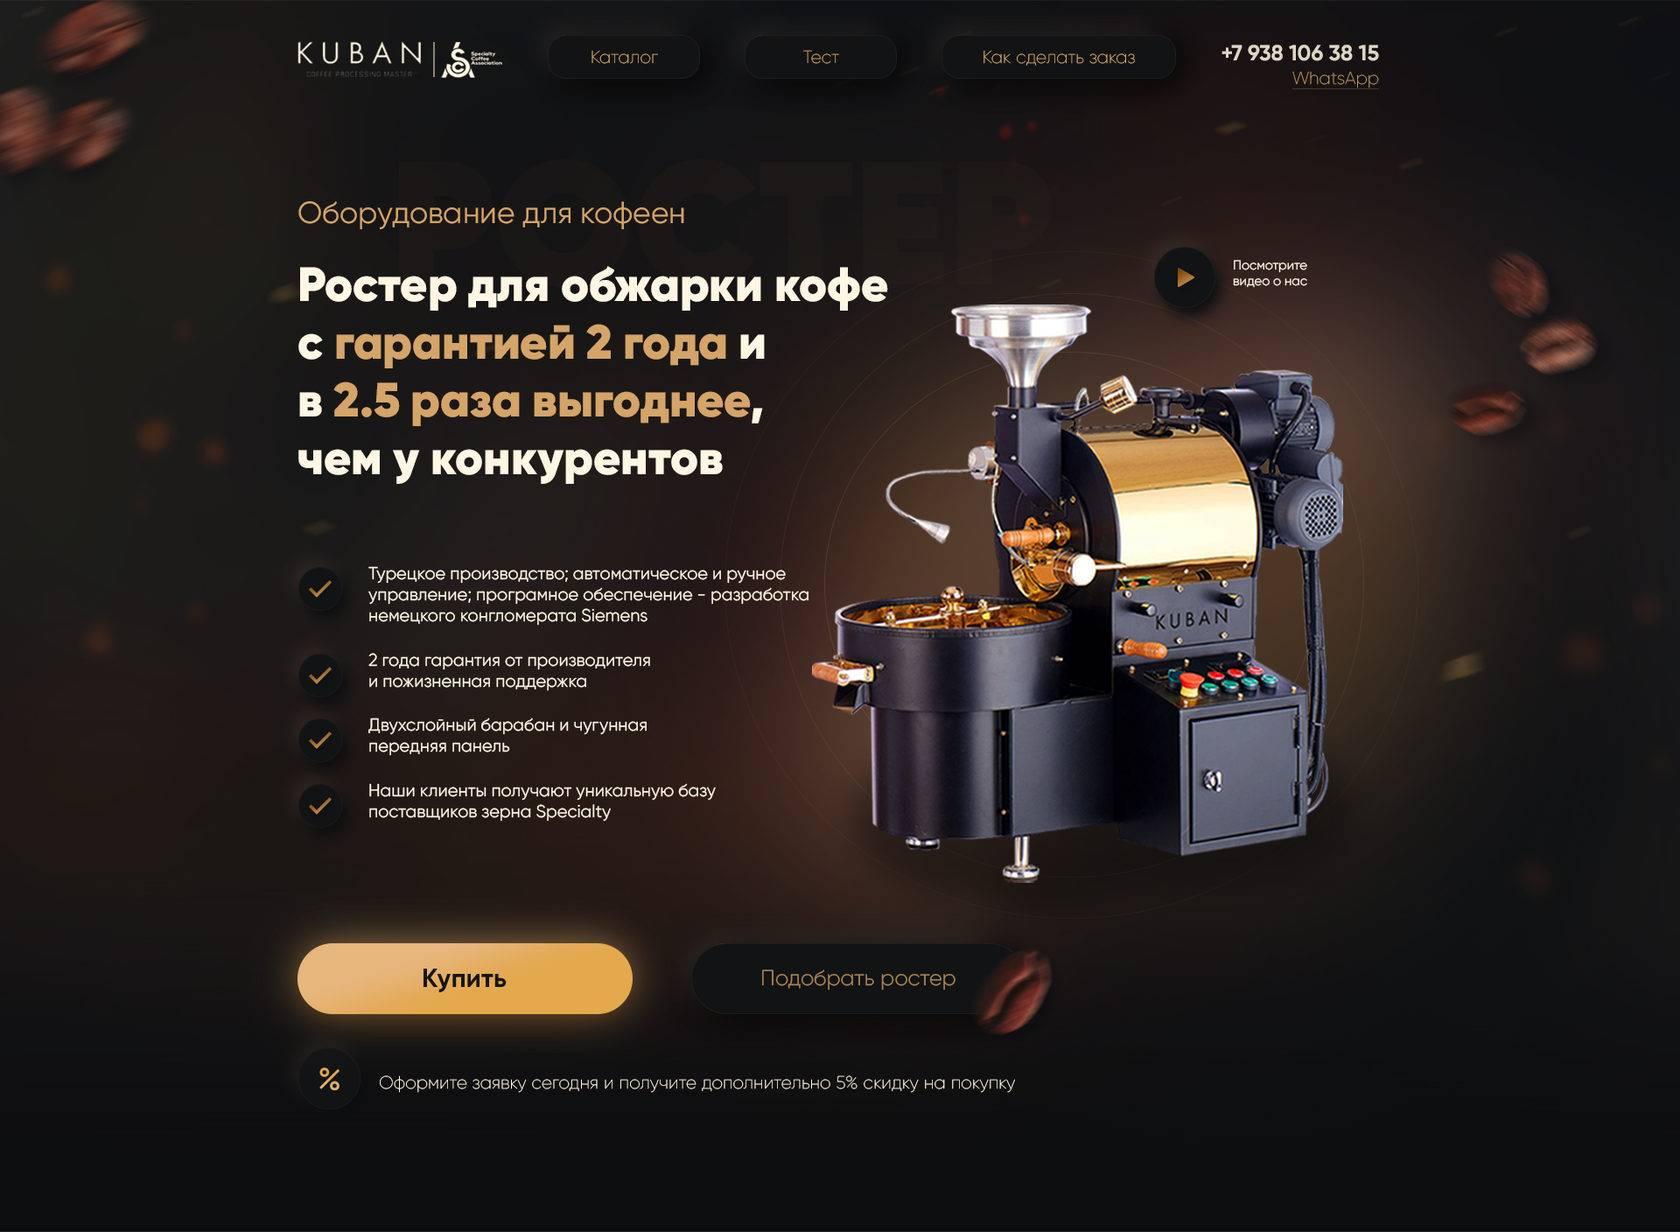 Исчерпывающее руководство по обжариванию кофе в домашних условиях